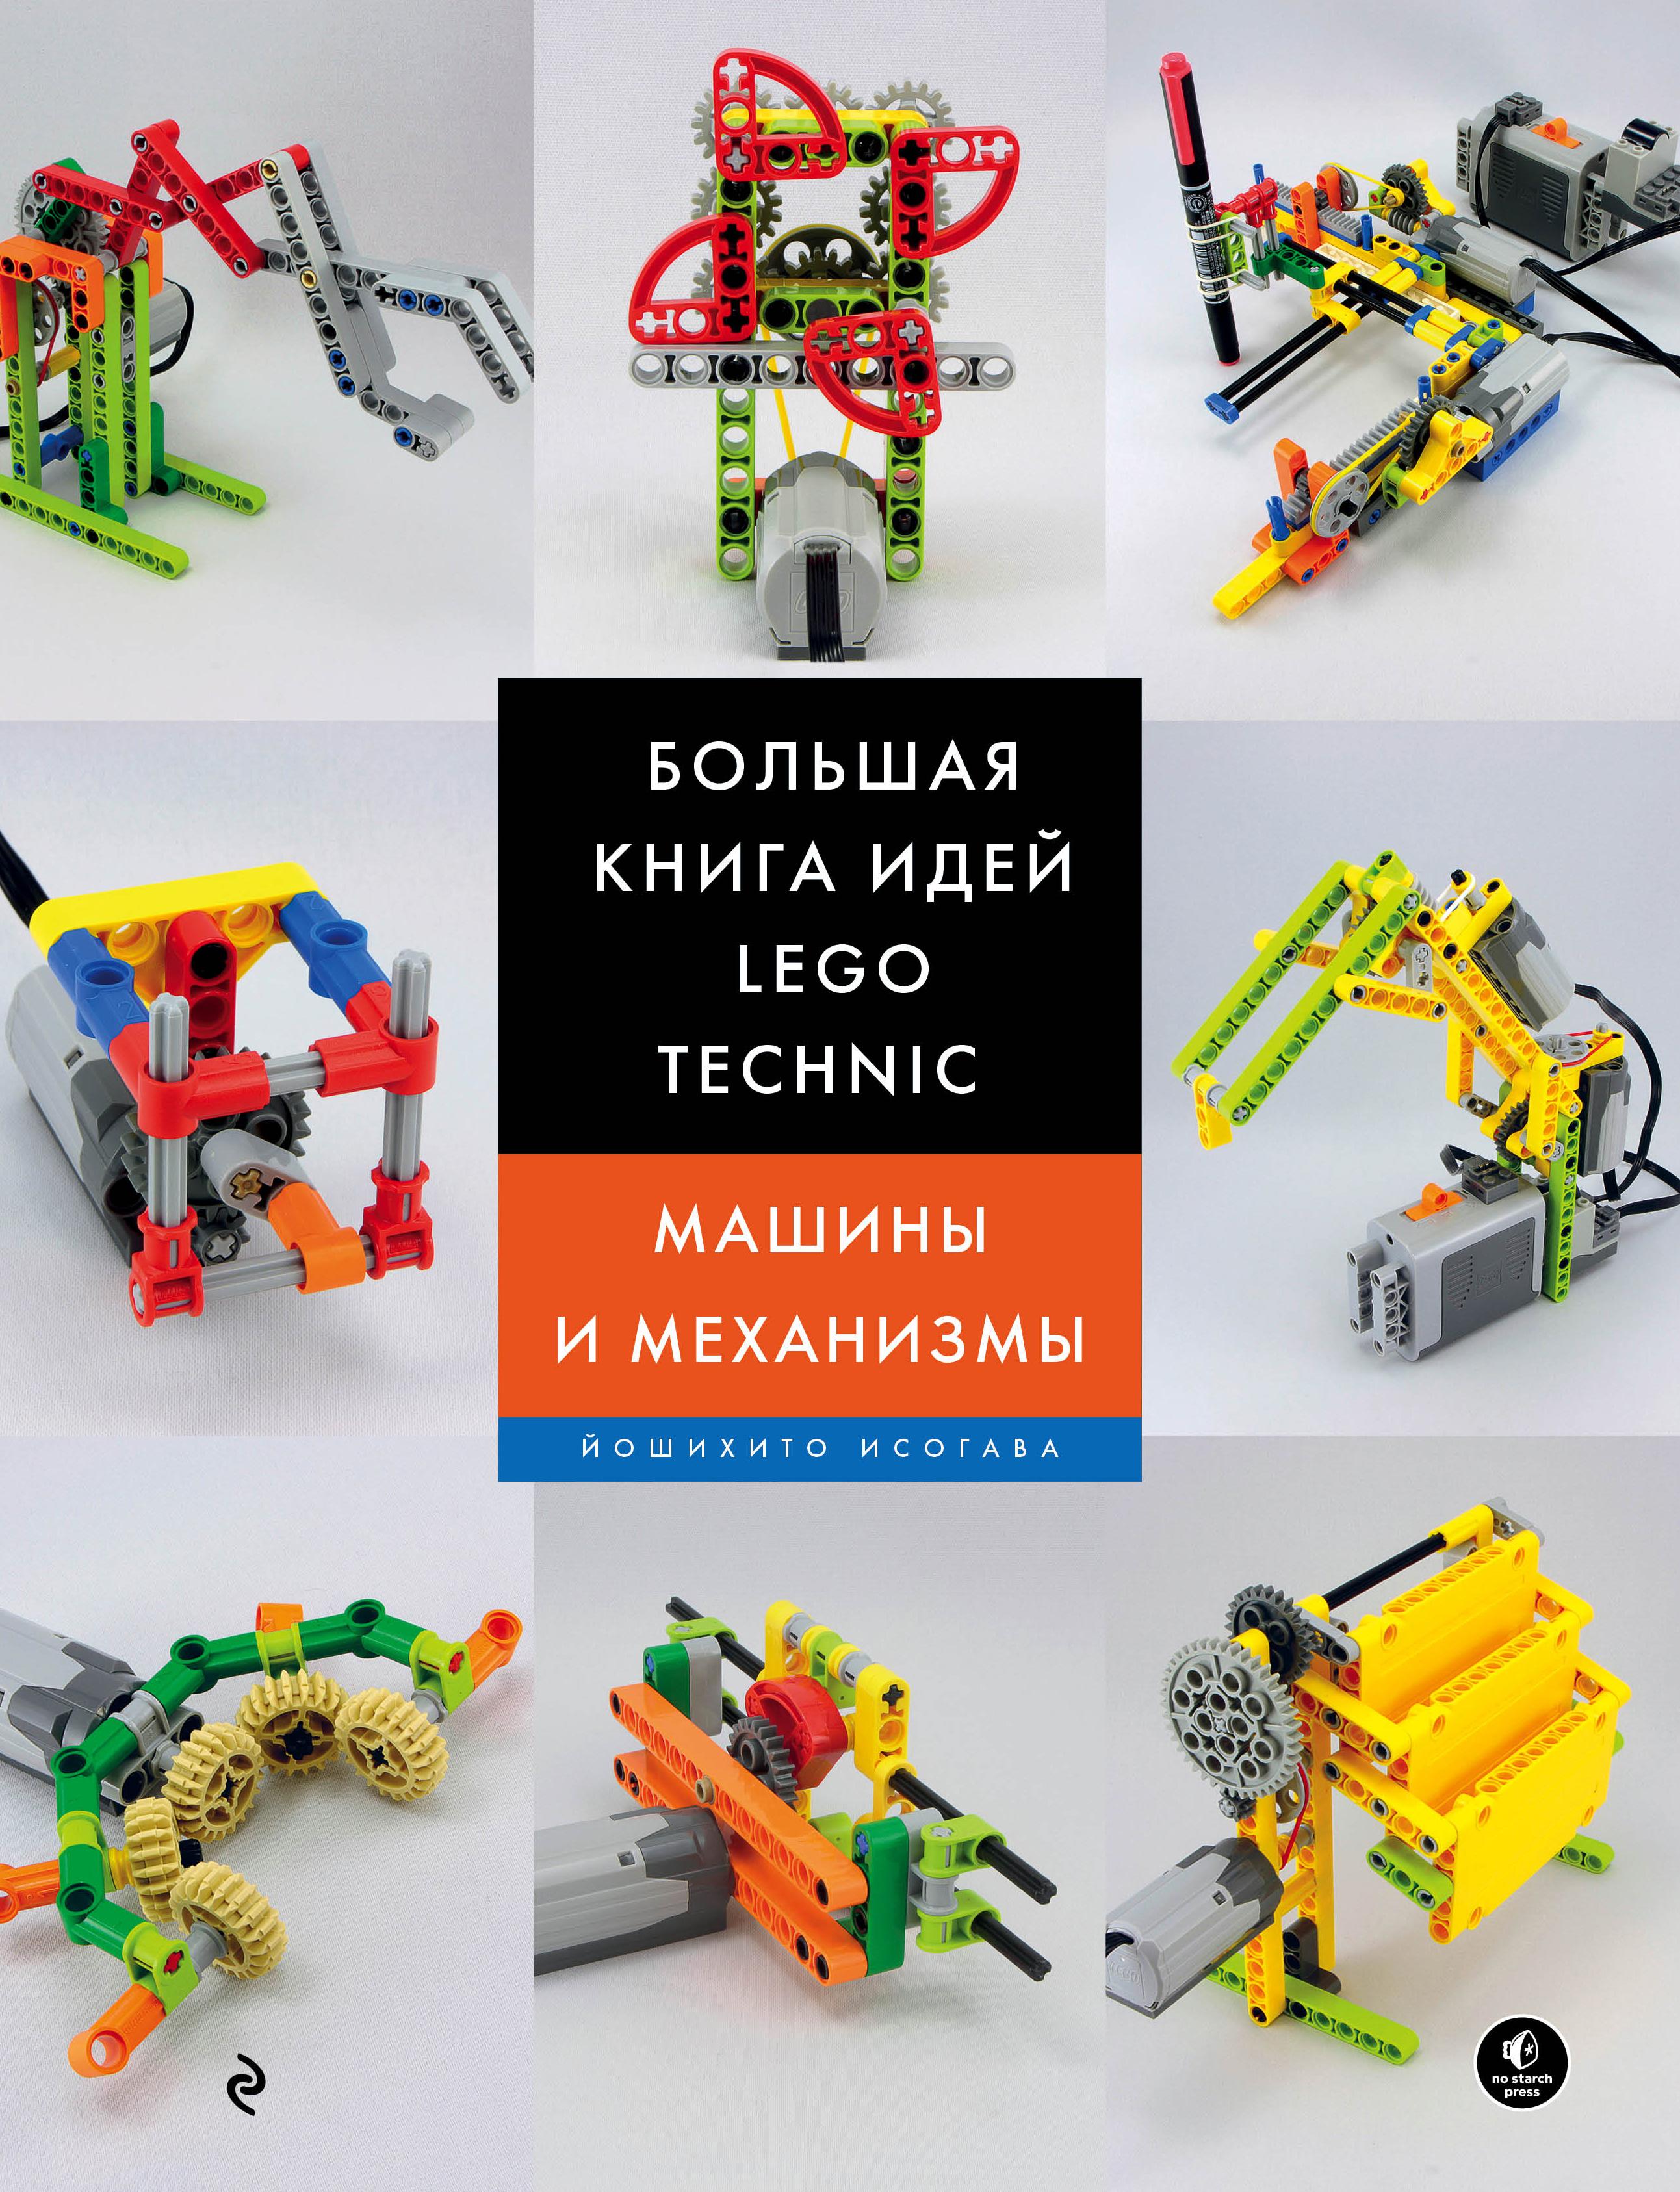 Йошихито Исогава Большая книга идей LEGO Technic. Машины и механизмы манипуляторы